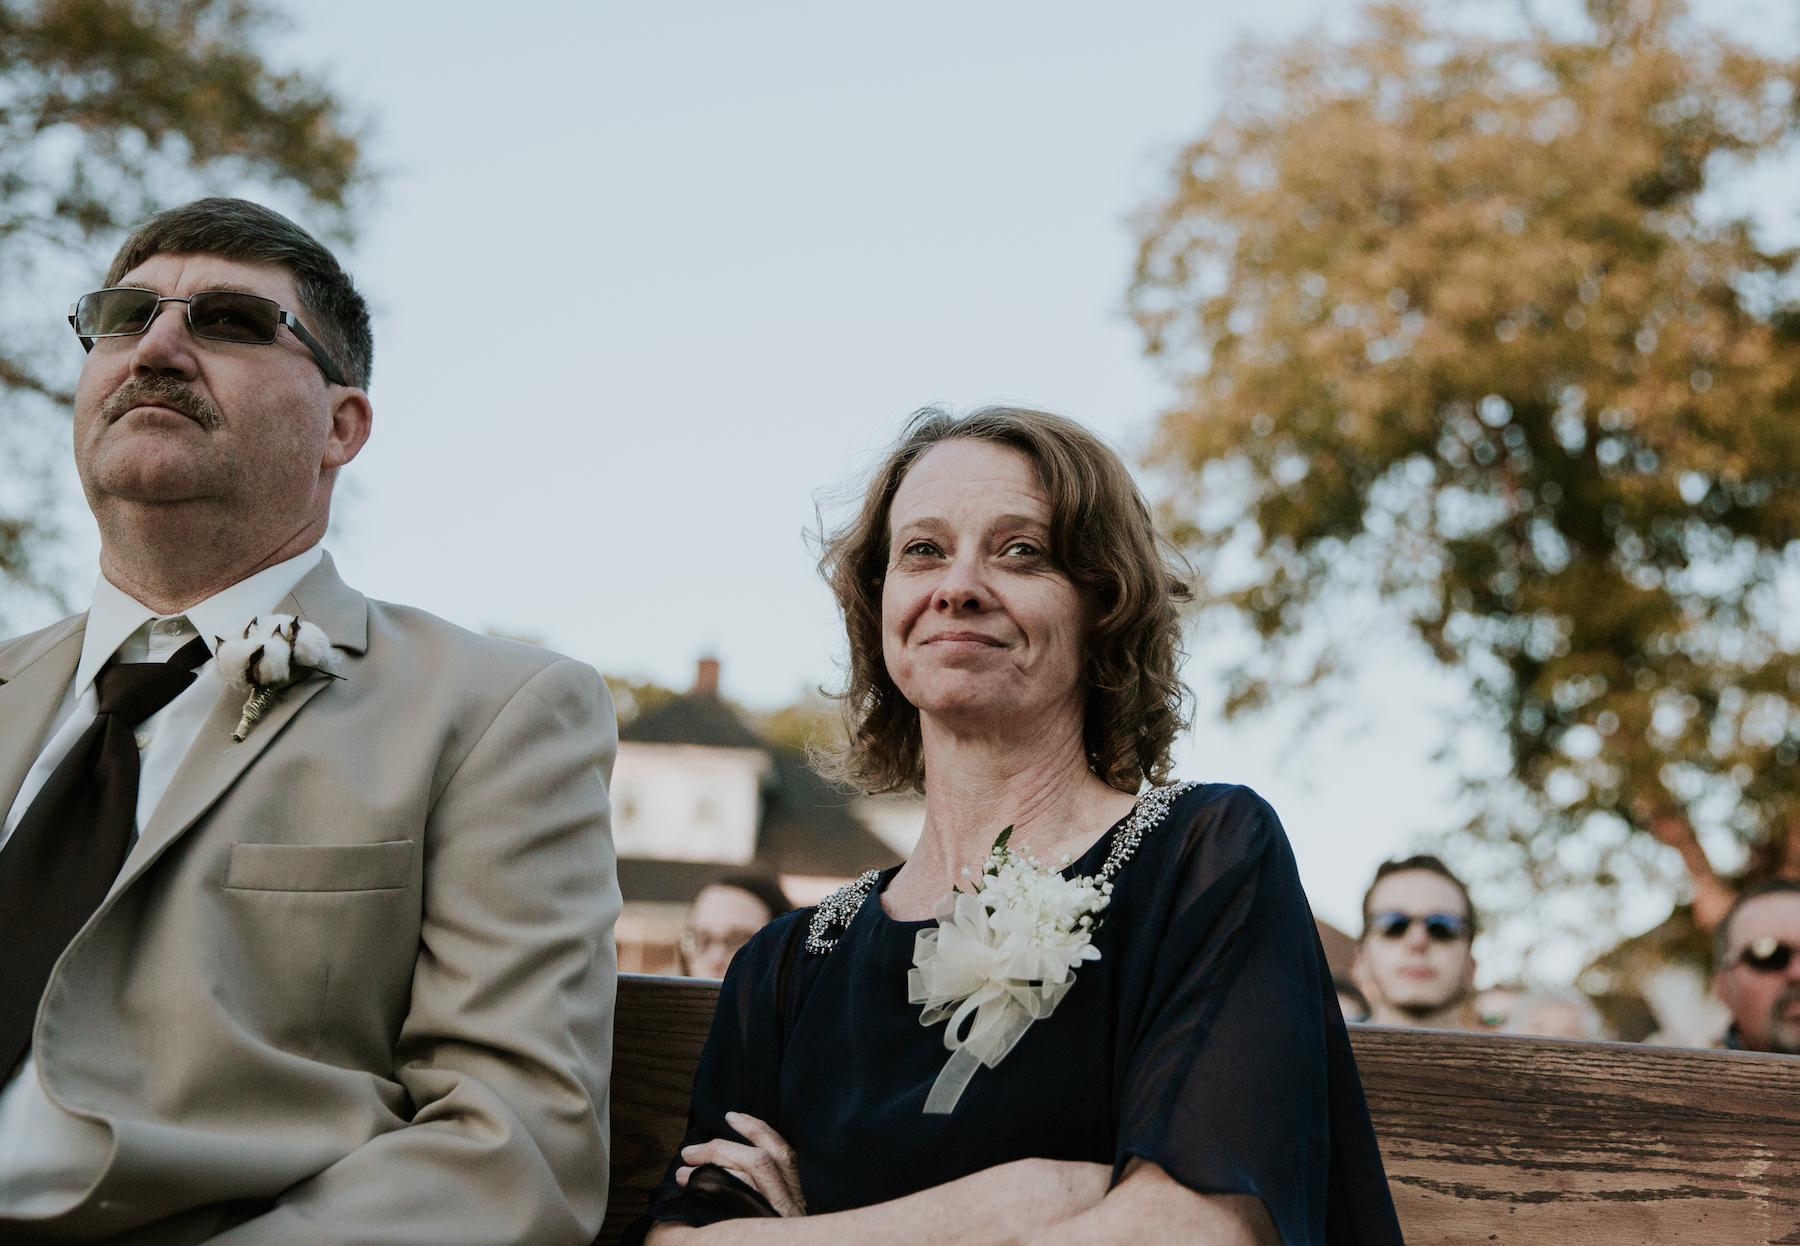 barn-forevermore-farm-moore-sc-wedding-038.JPG